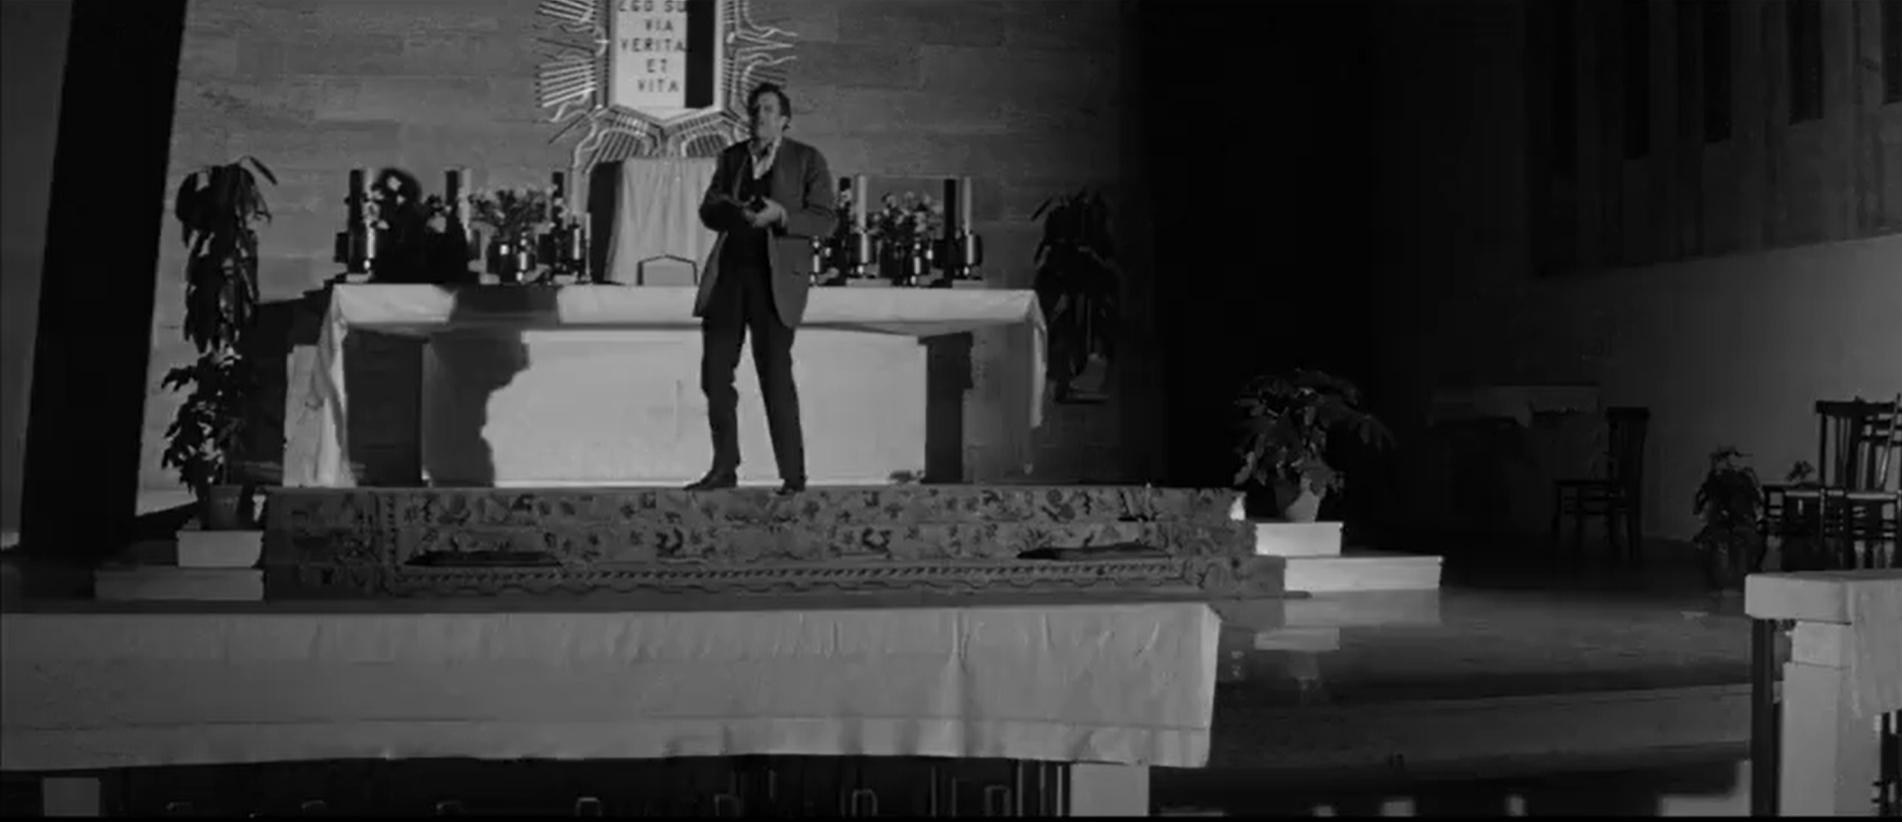 kadr z filmu OSTATNI CZŁOWIEK NA ZIEMI |The Last Man on Earth, 1964, reż. Ubaldo Ragona / Sidney Salkow